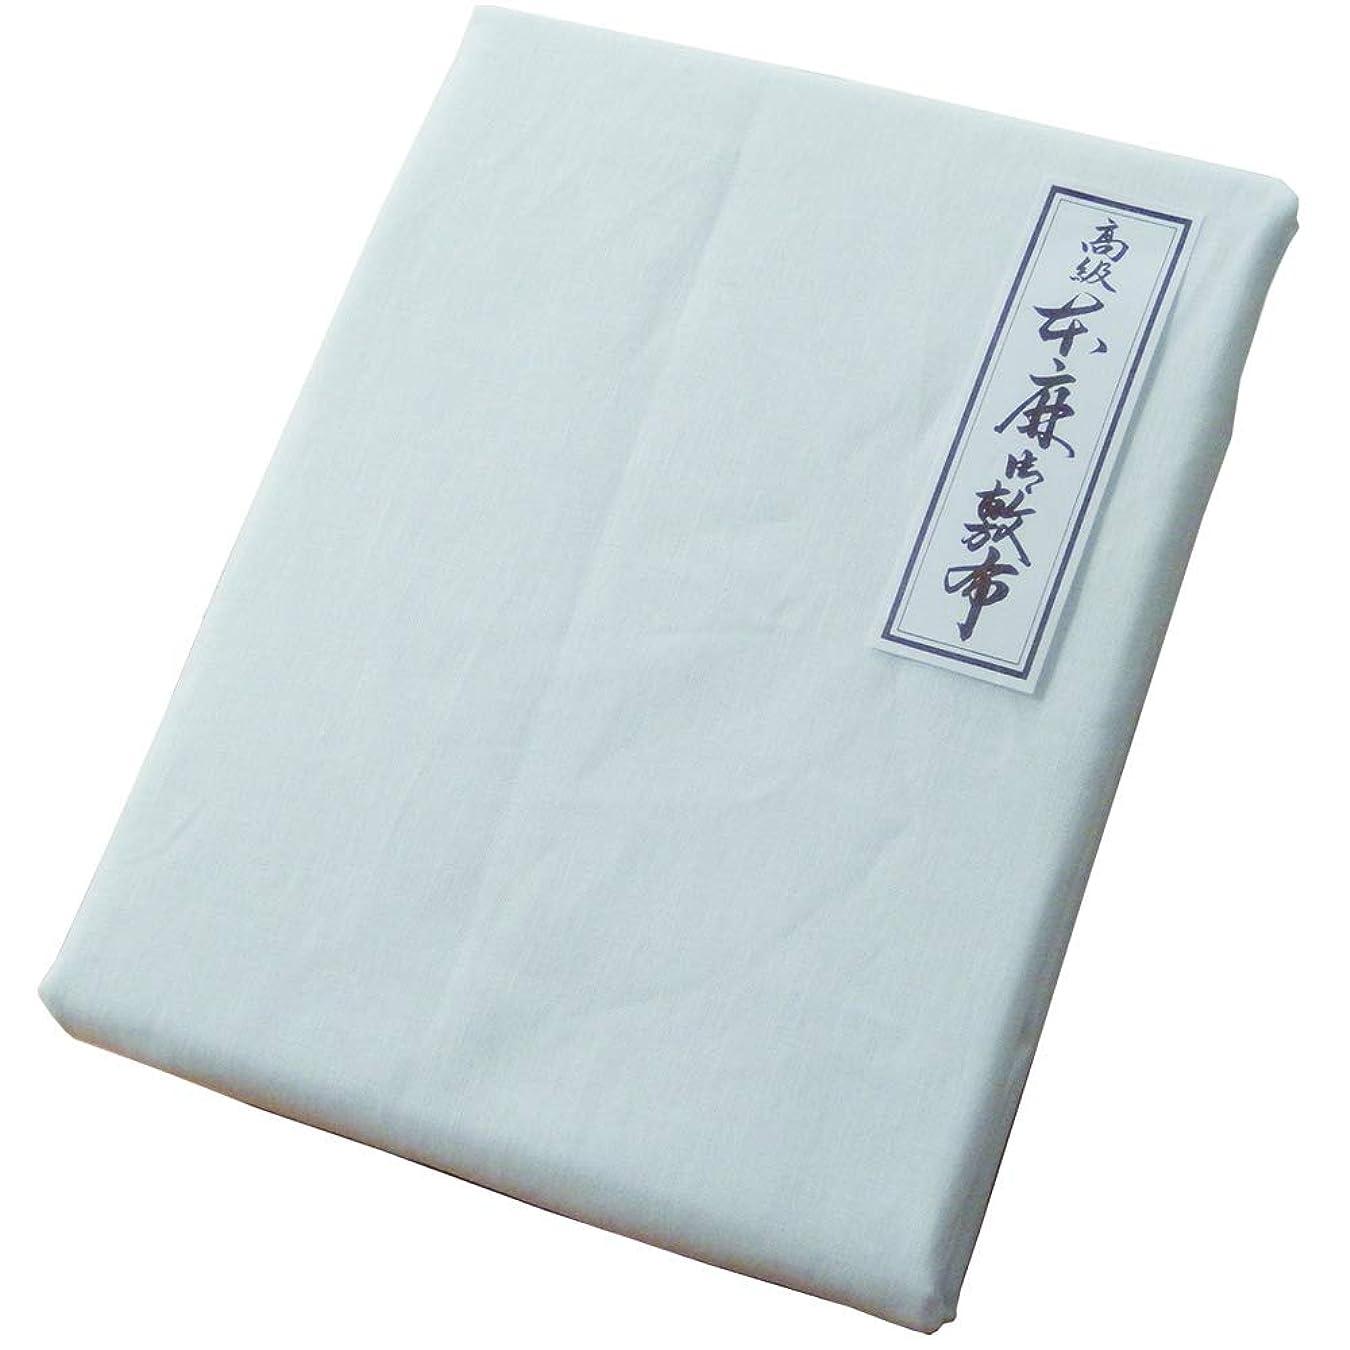 汚染する余計な溝日本製 高級 本麻100% 敷シーツ シングル 140×240cm 清潔なホワイト無地 洗える フラットシーツ